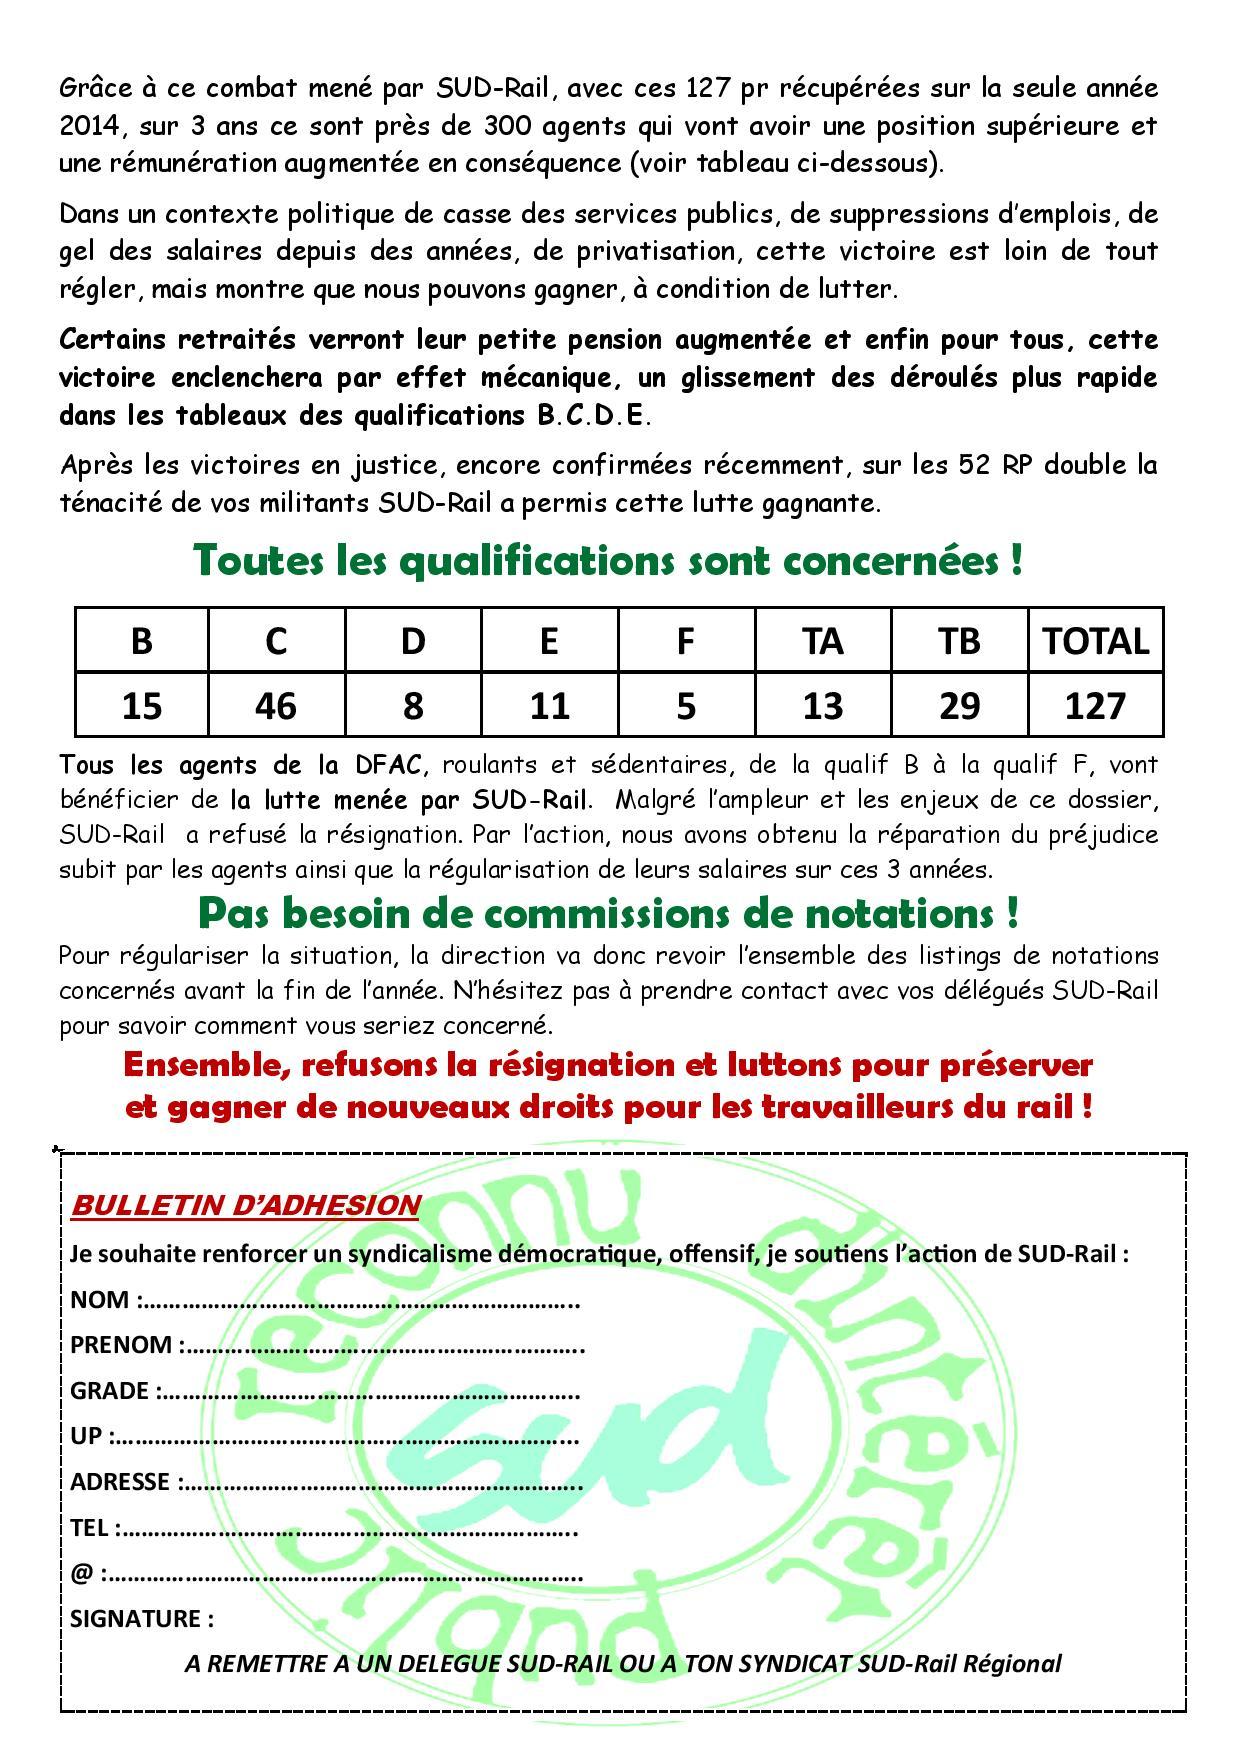 11-2016-sud-rail-dfac-rh0910-page-002